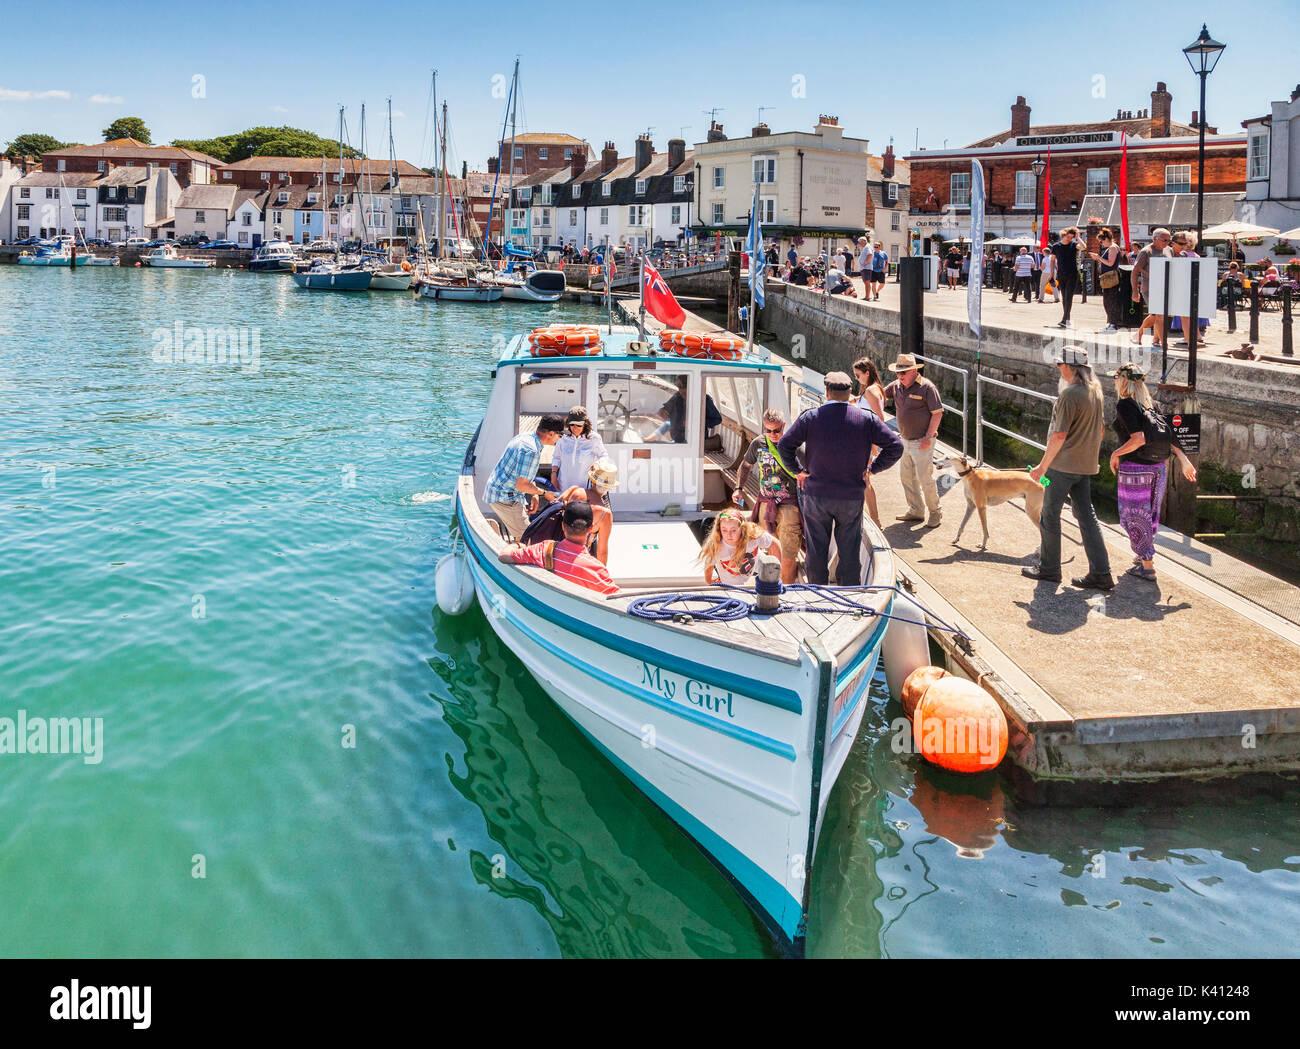 2 Juillet 2017: Weymouth, Dorset, England, UK - Les passagers avec un chien à bord de l'embarcation de ma fille à Weymouth Docks sur une journée ensoleillée. Photo Stock